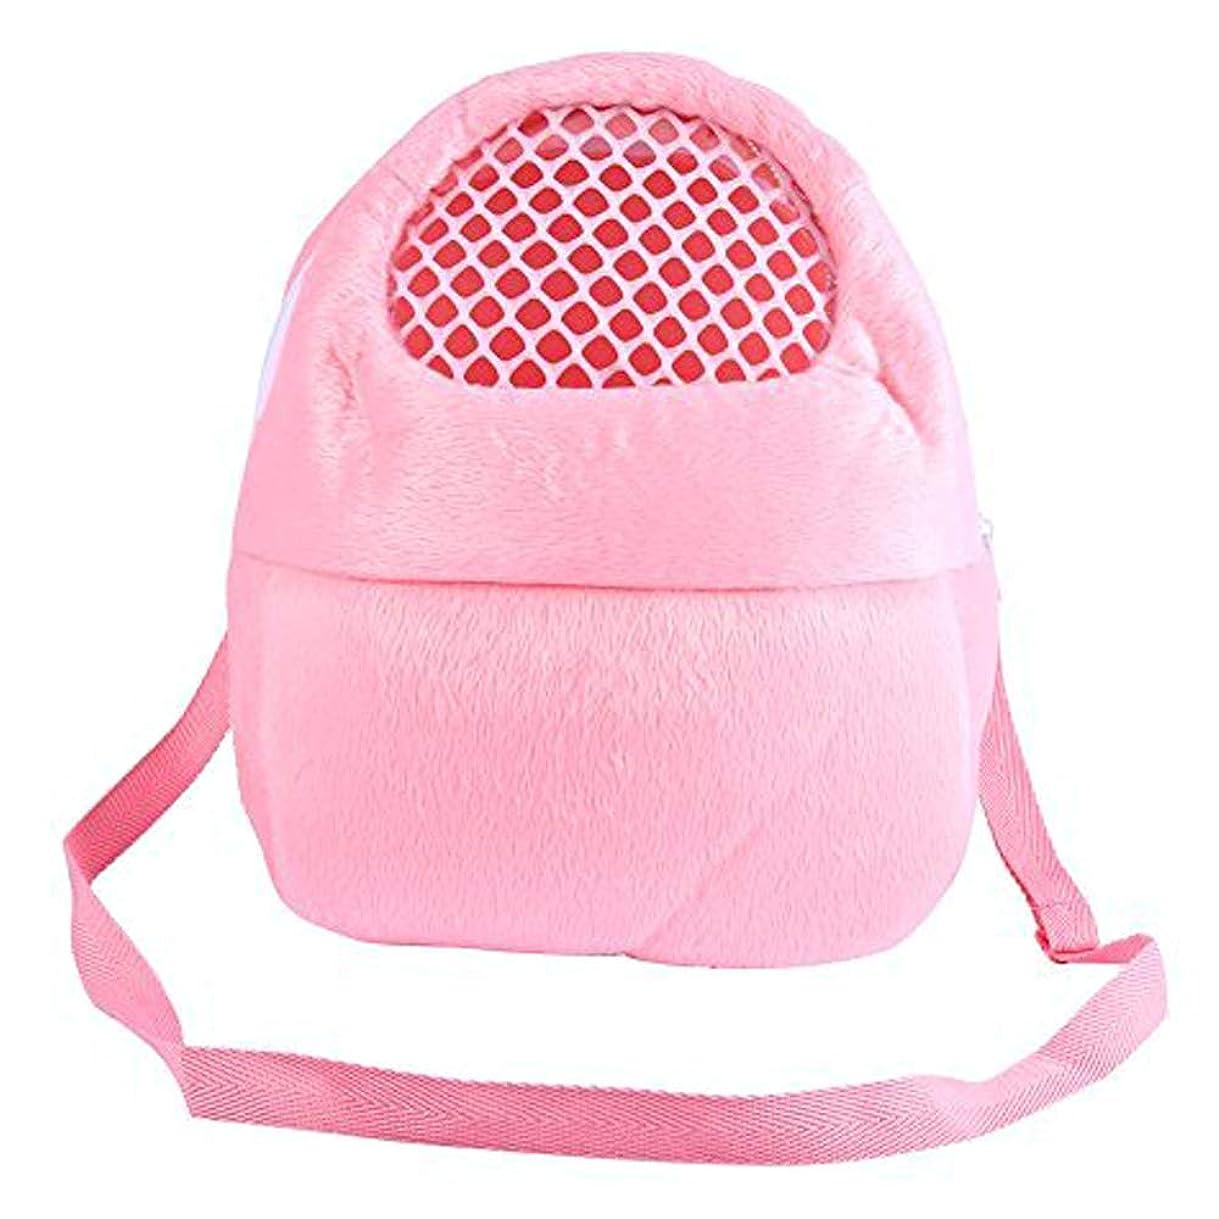 目に見える過半数記念碑的なハムスター バッグ 外出 キャリーバッグ ペット用品 携帯包栗鼠 お出かけ 散歩 外出 25×21CM (ピンク)